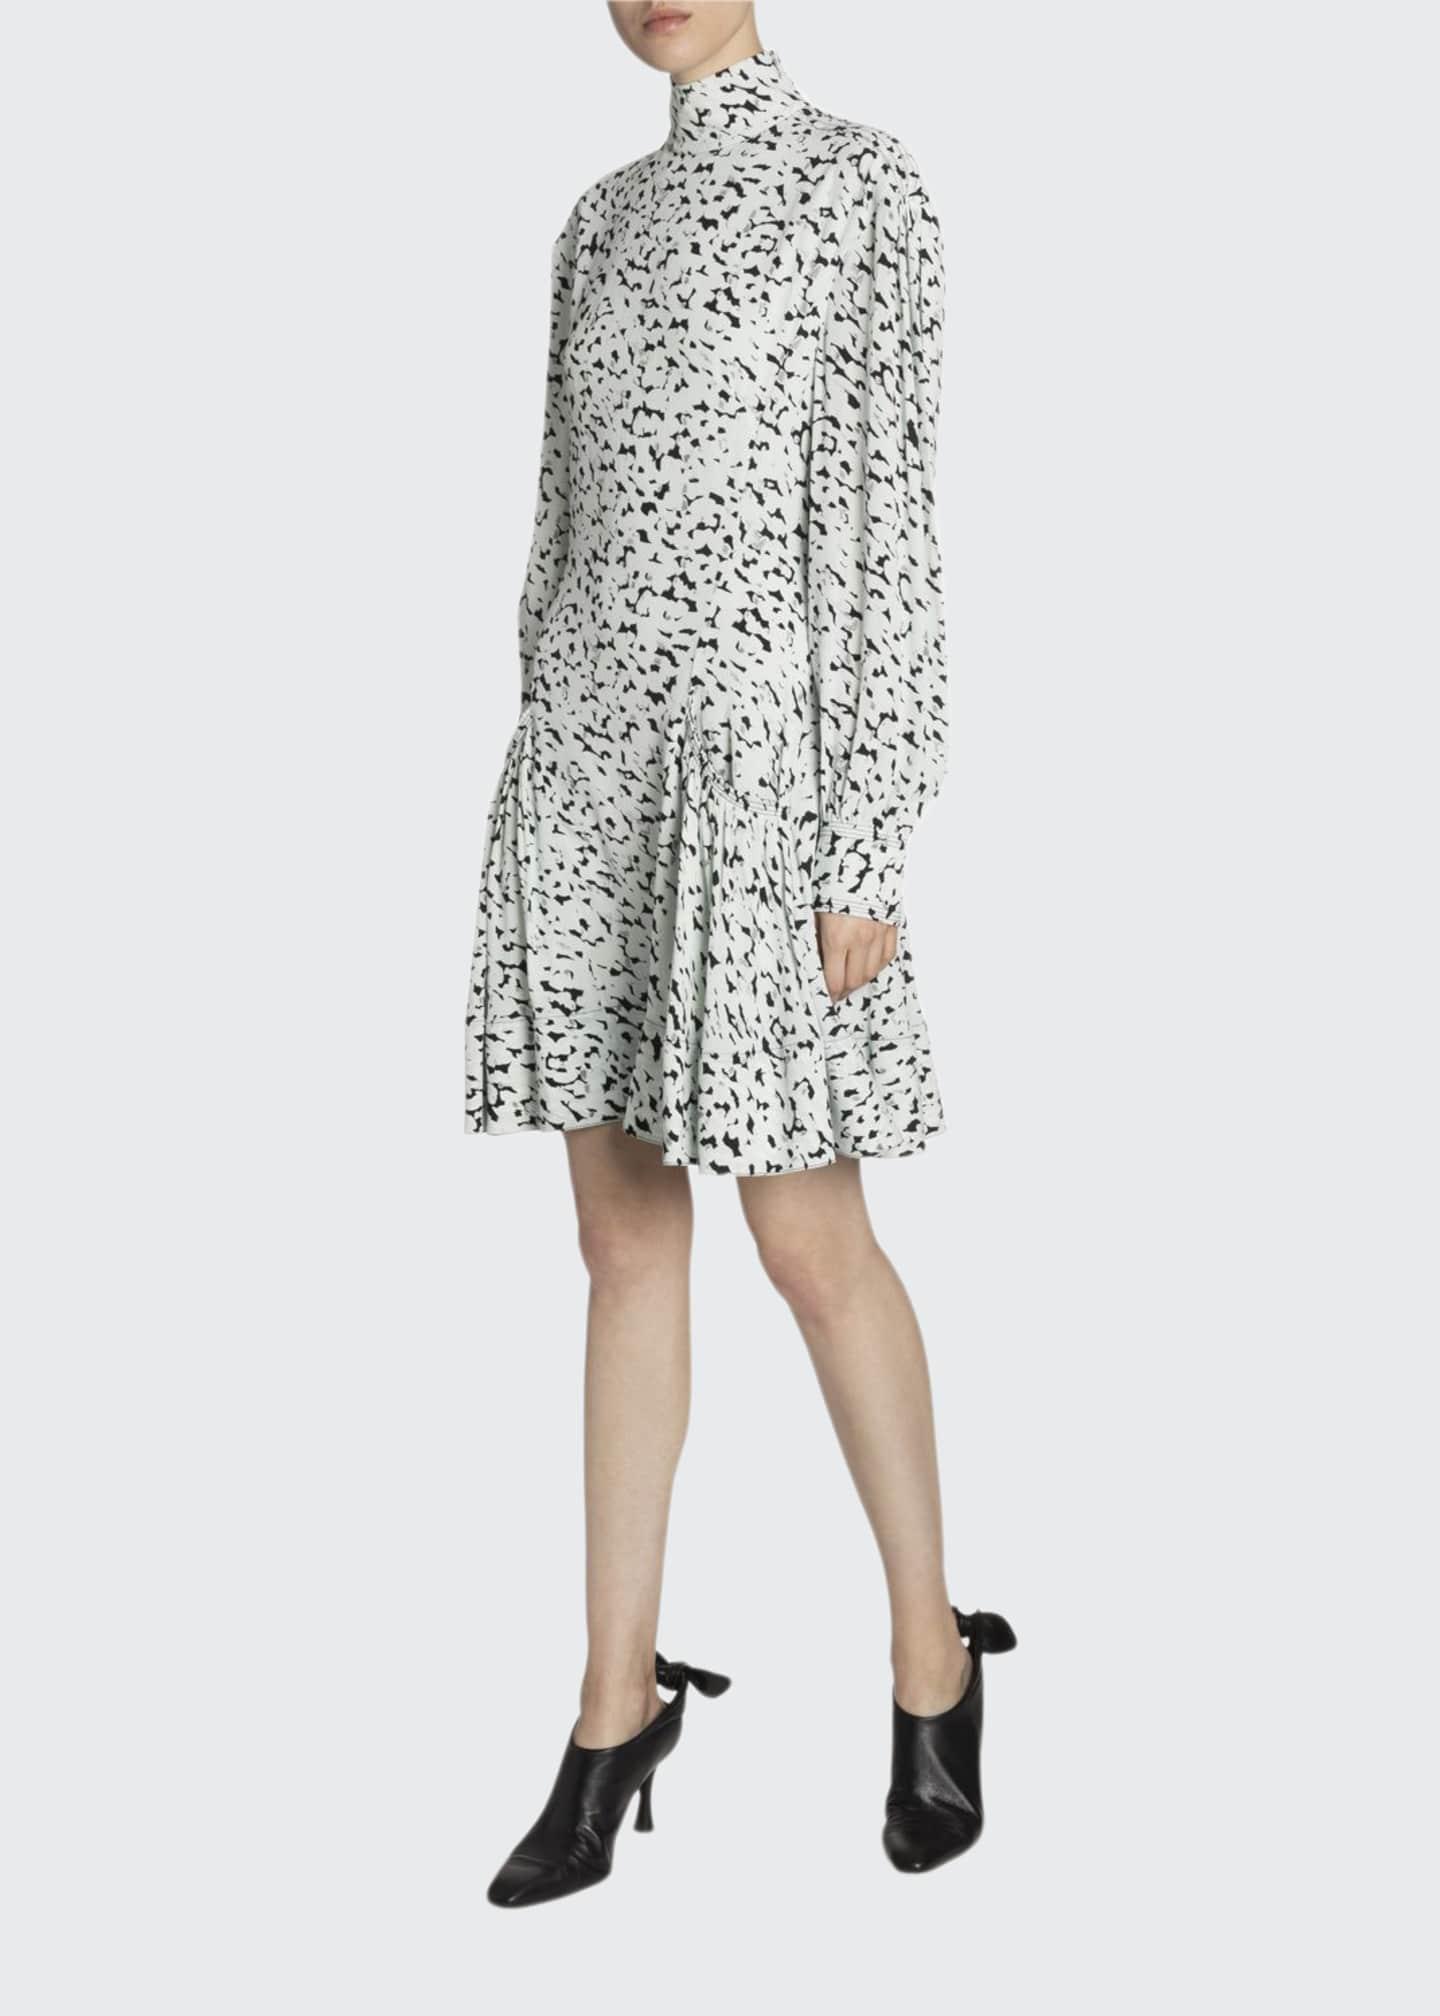 Proenza Schouler Crepe de Chine Mock-Neck Dress